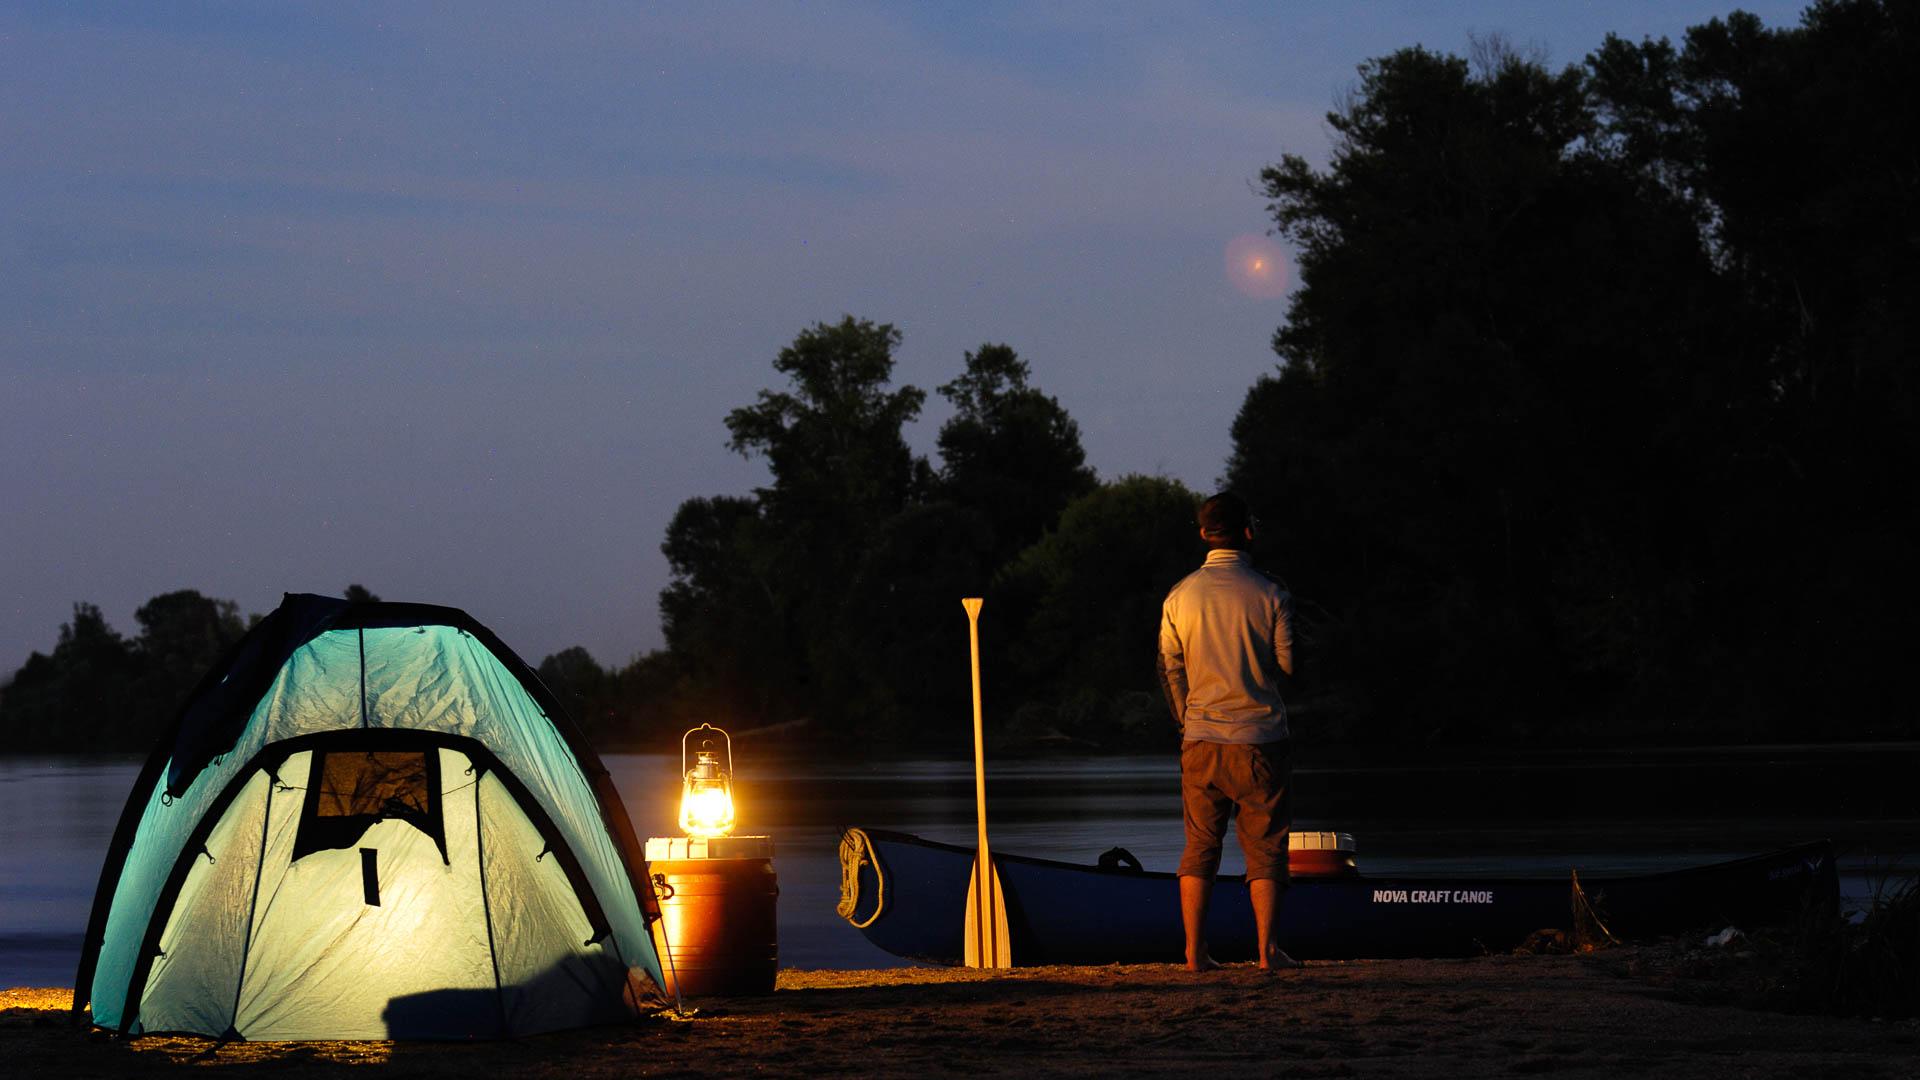 Coast: bivouac on a Loire river isle